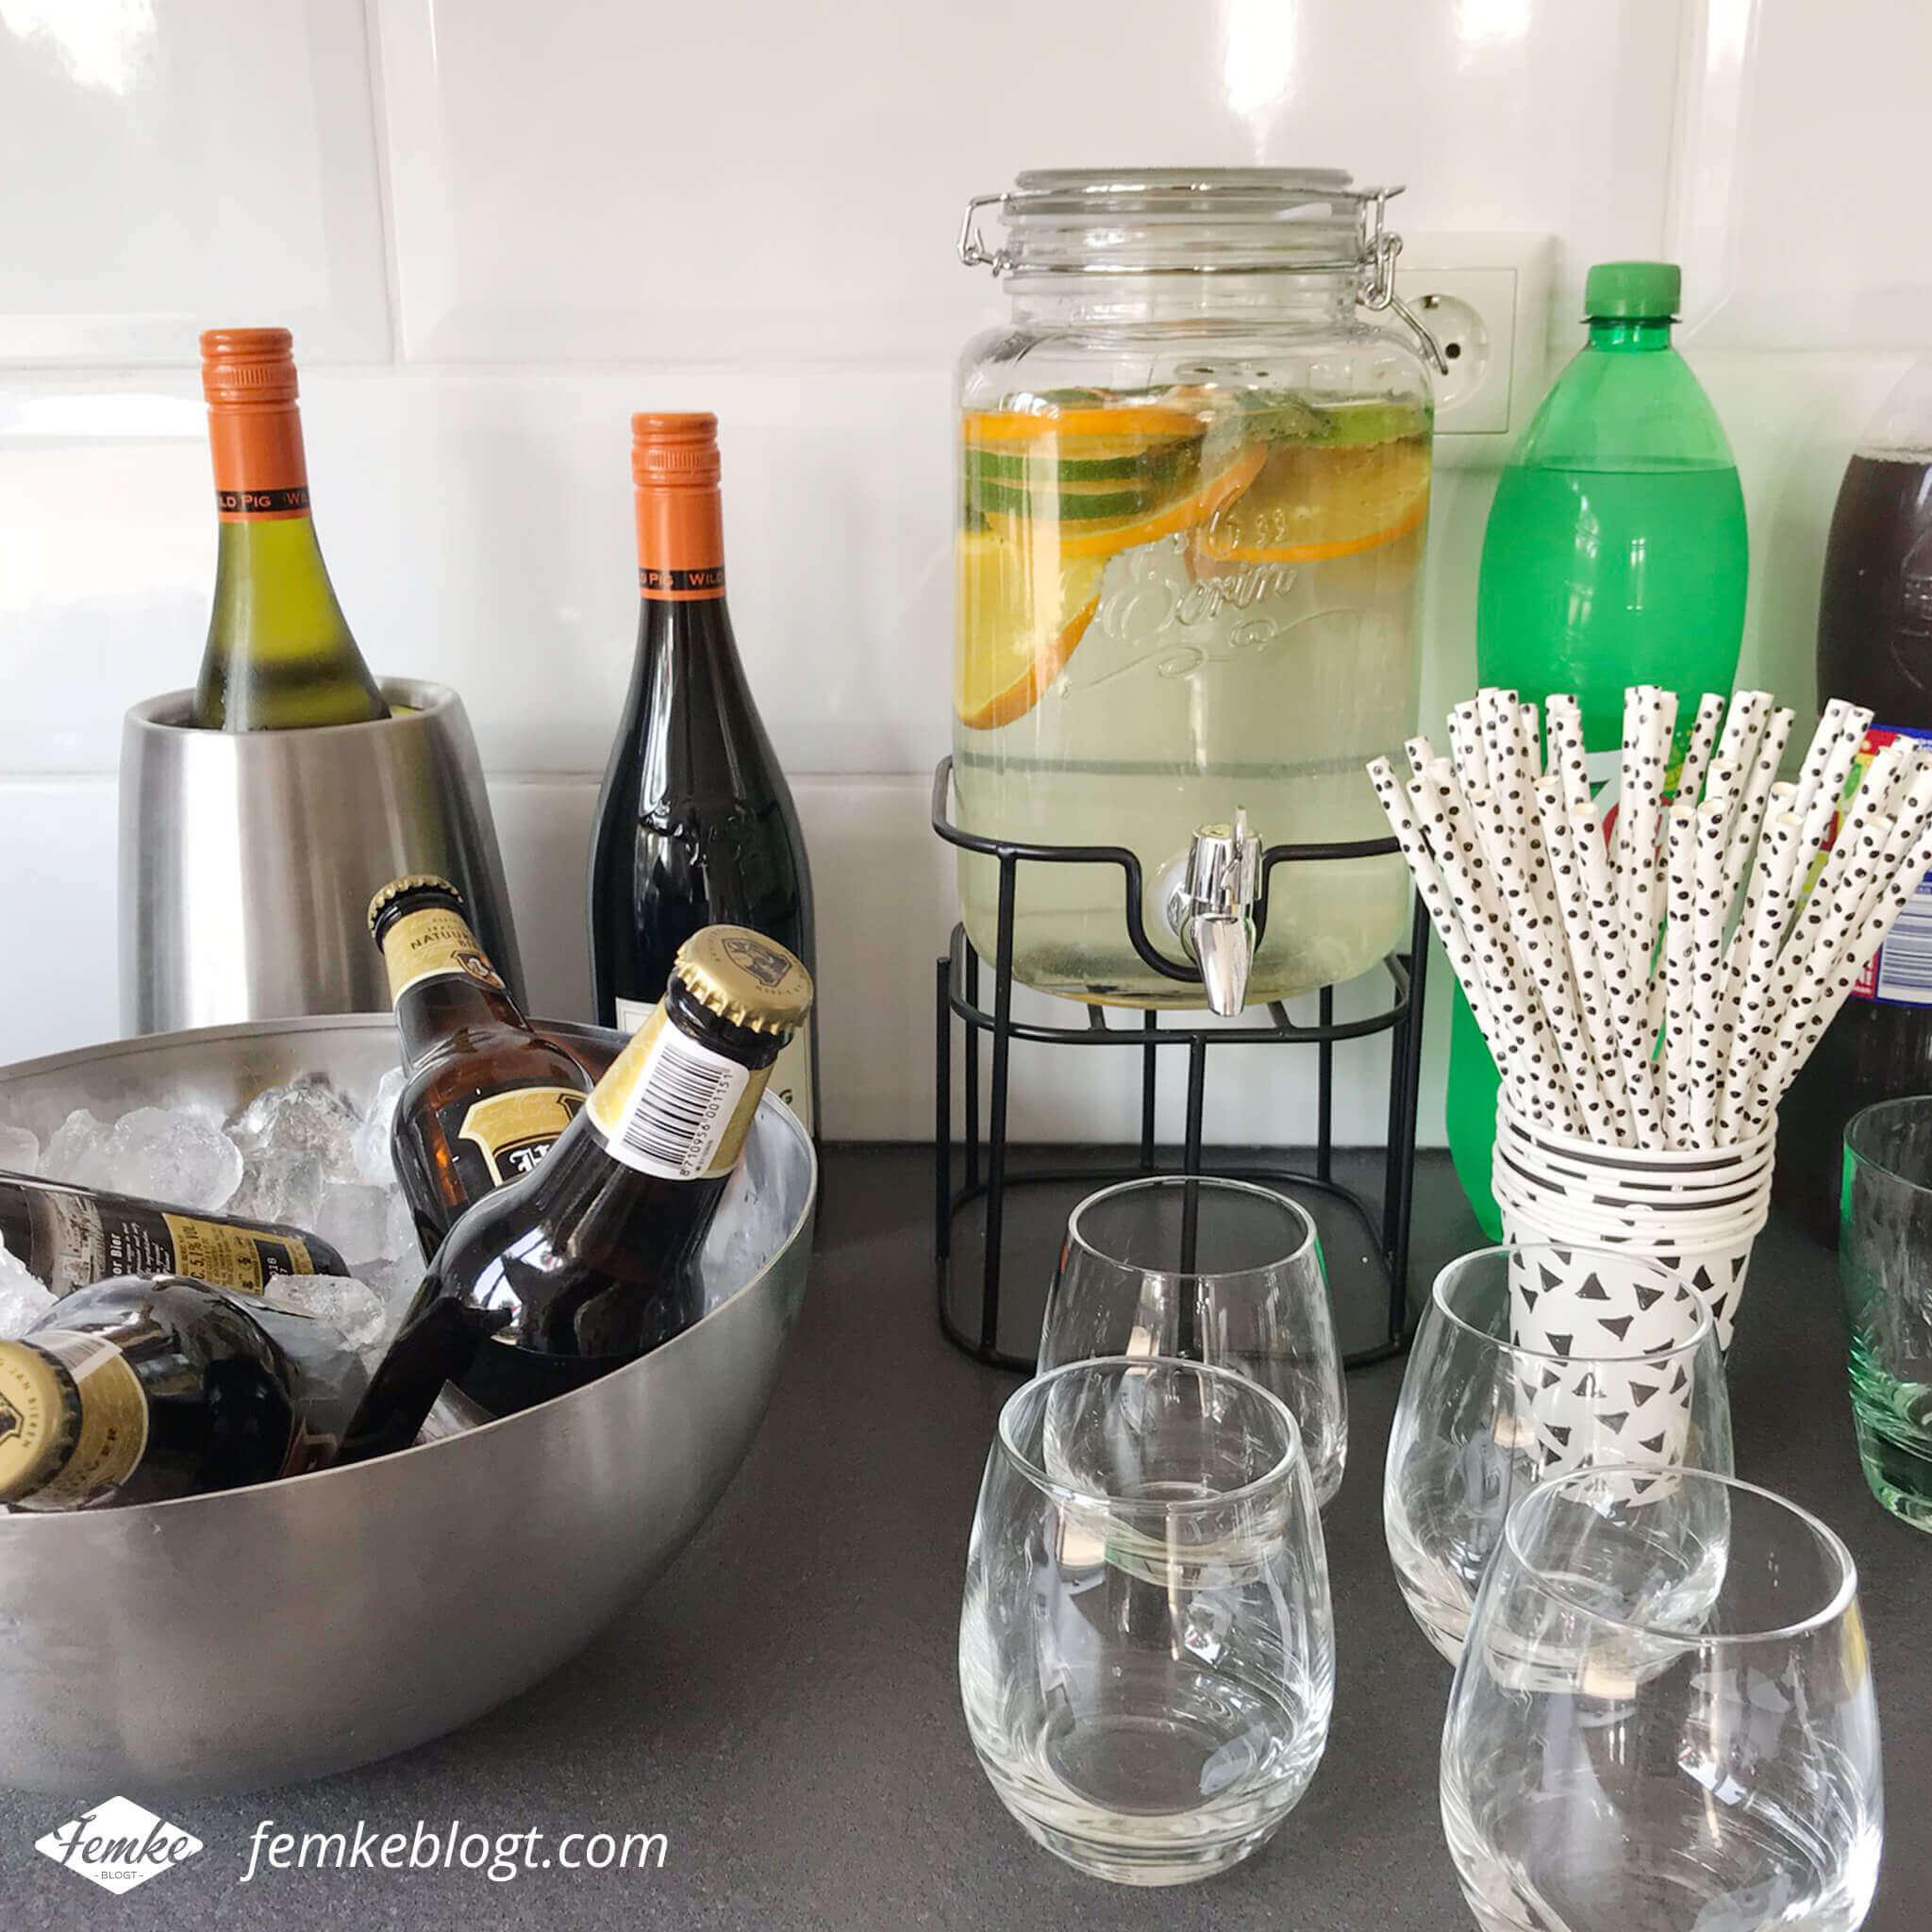 Onze housewarming | Verschillende dranken en fruitwater in een handige drankdispenser met kraantje.